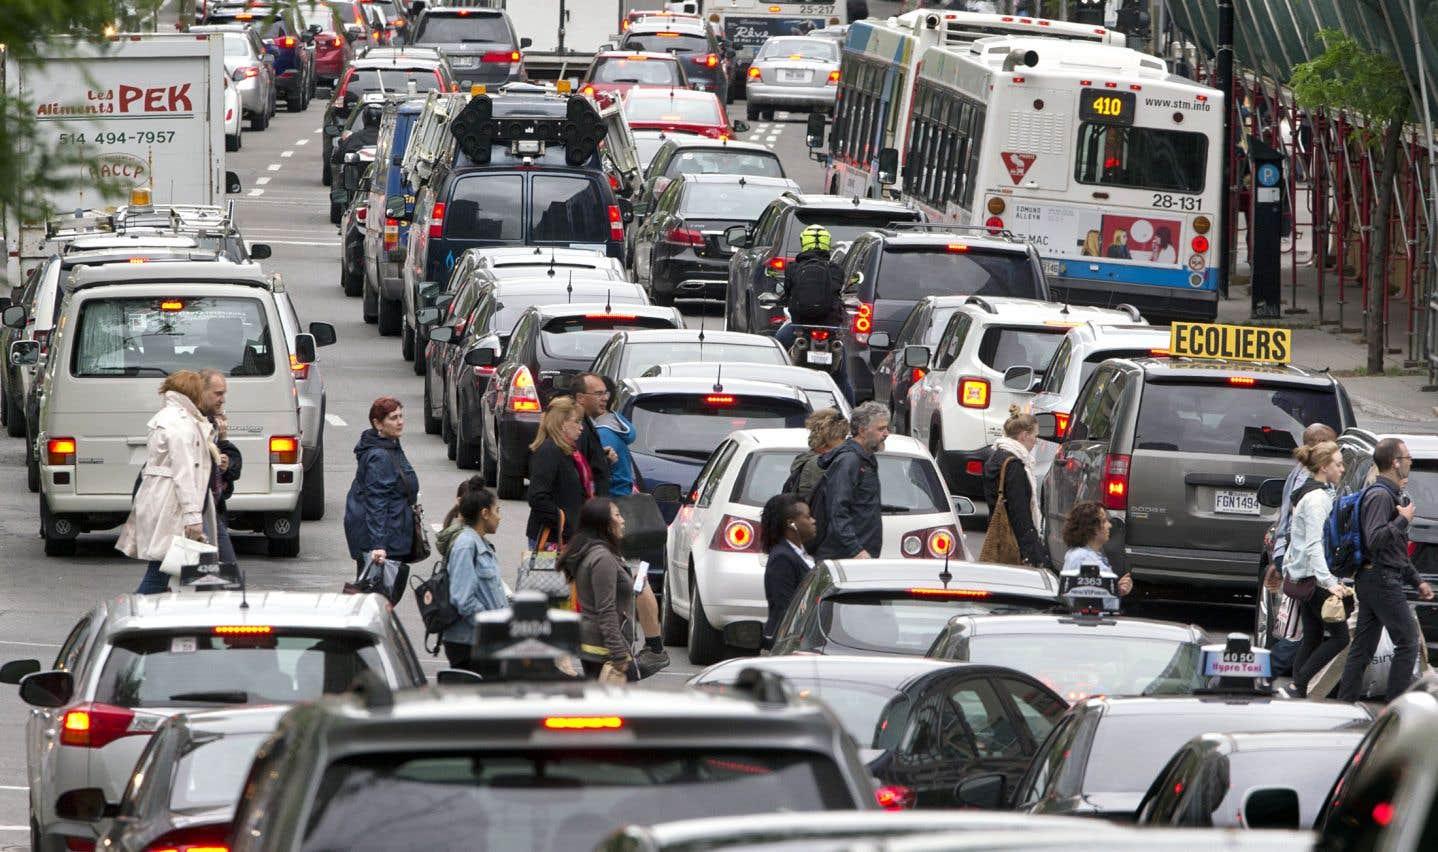 Des entreprises veulent décourager leurs employés de se rendre en auto au travail